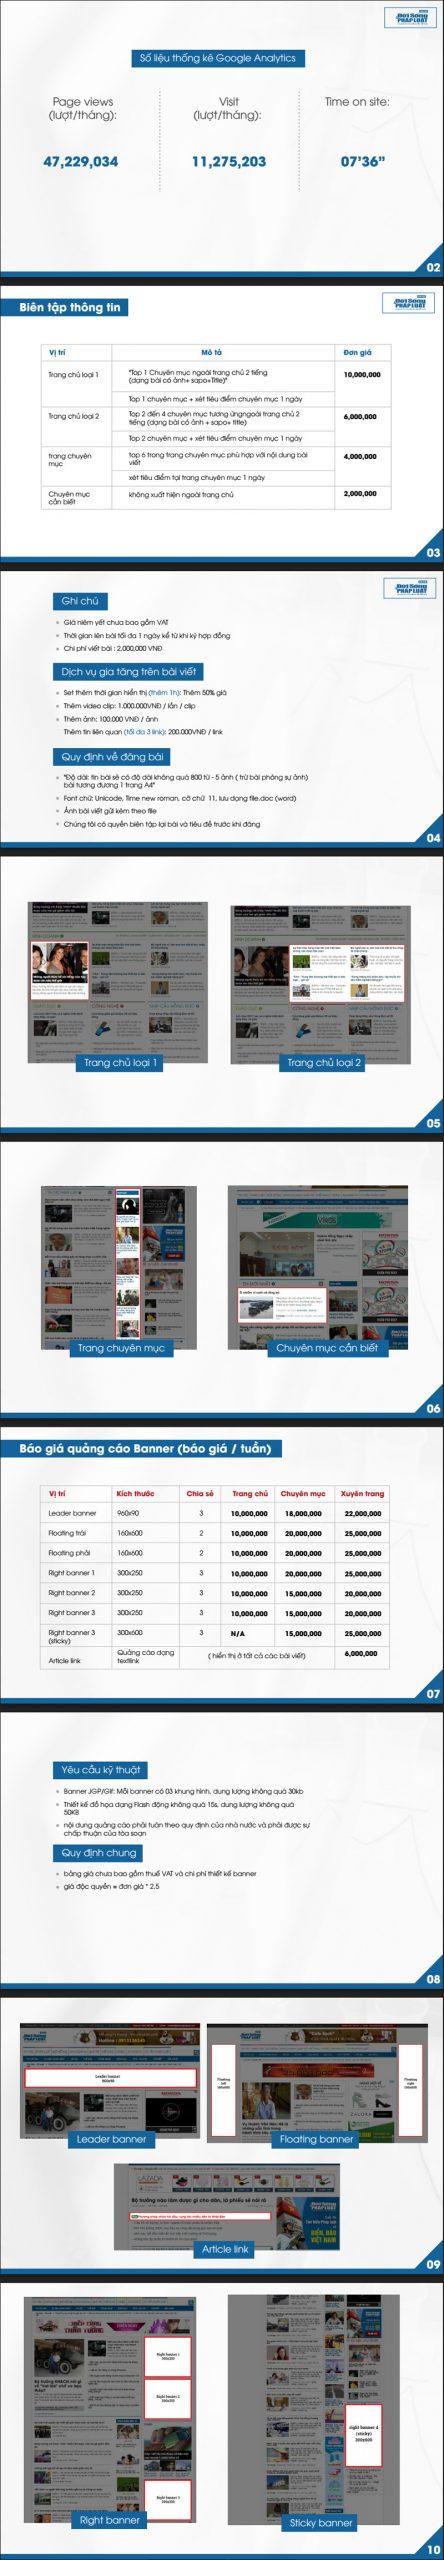 Báo giá đăng bài Pr, Booking quảng cáo trên Tiền Phong Online